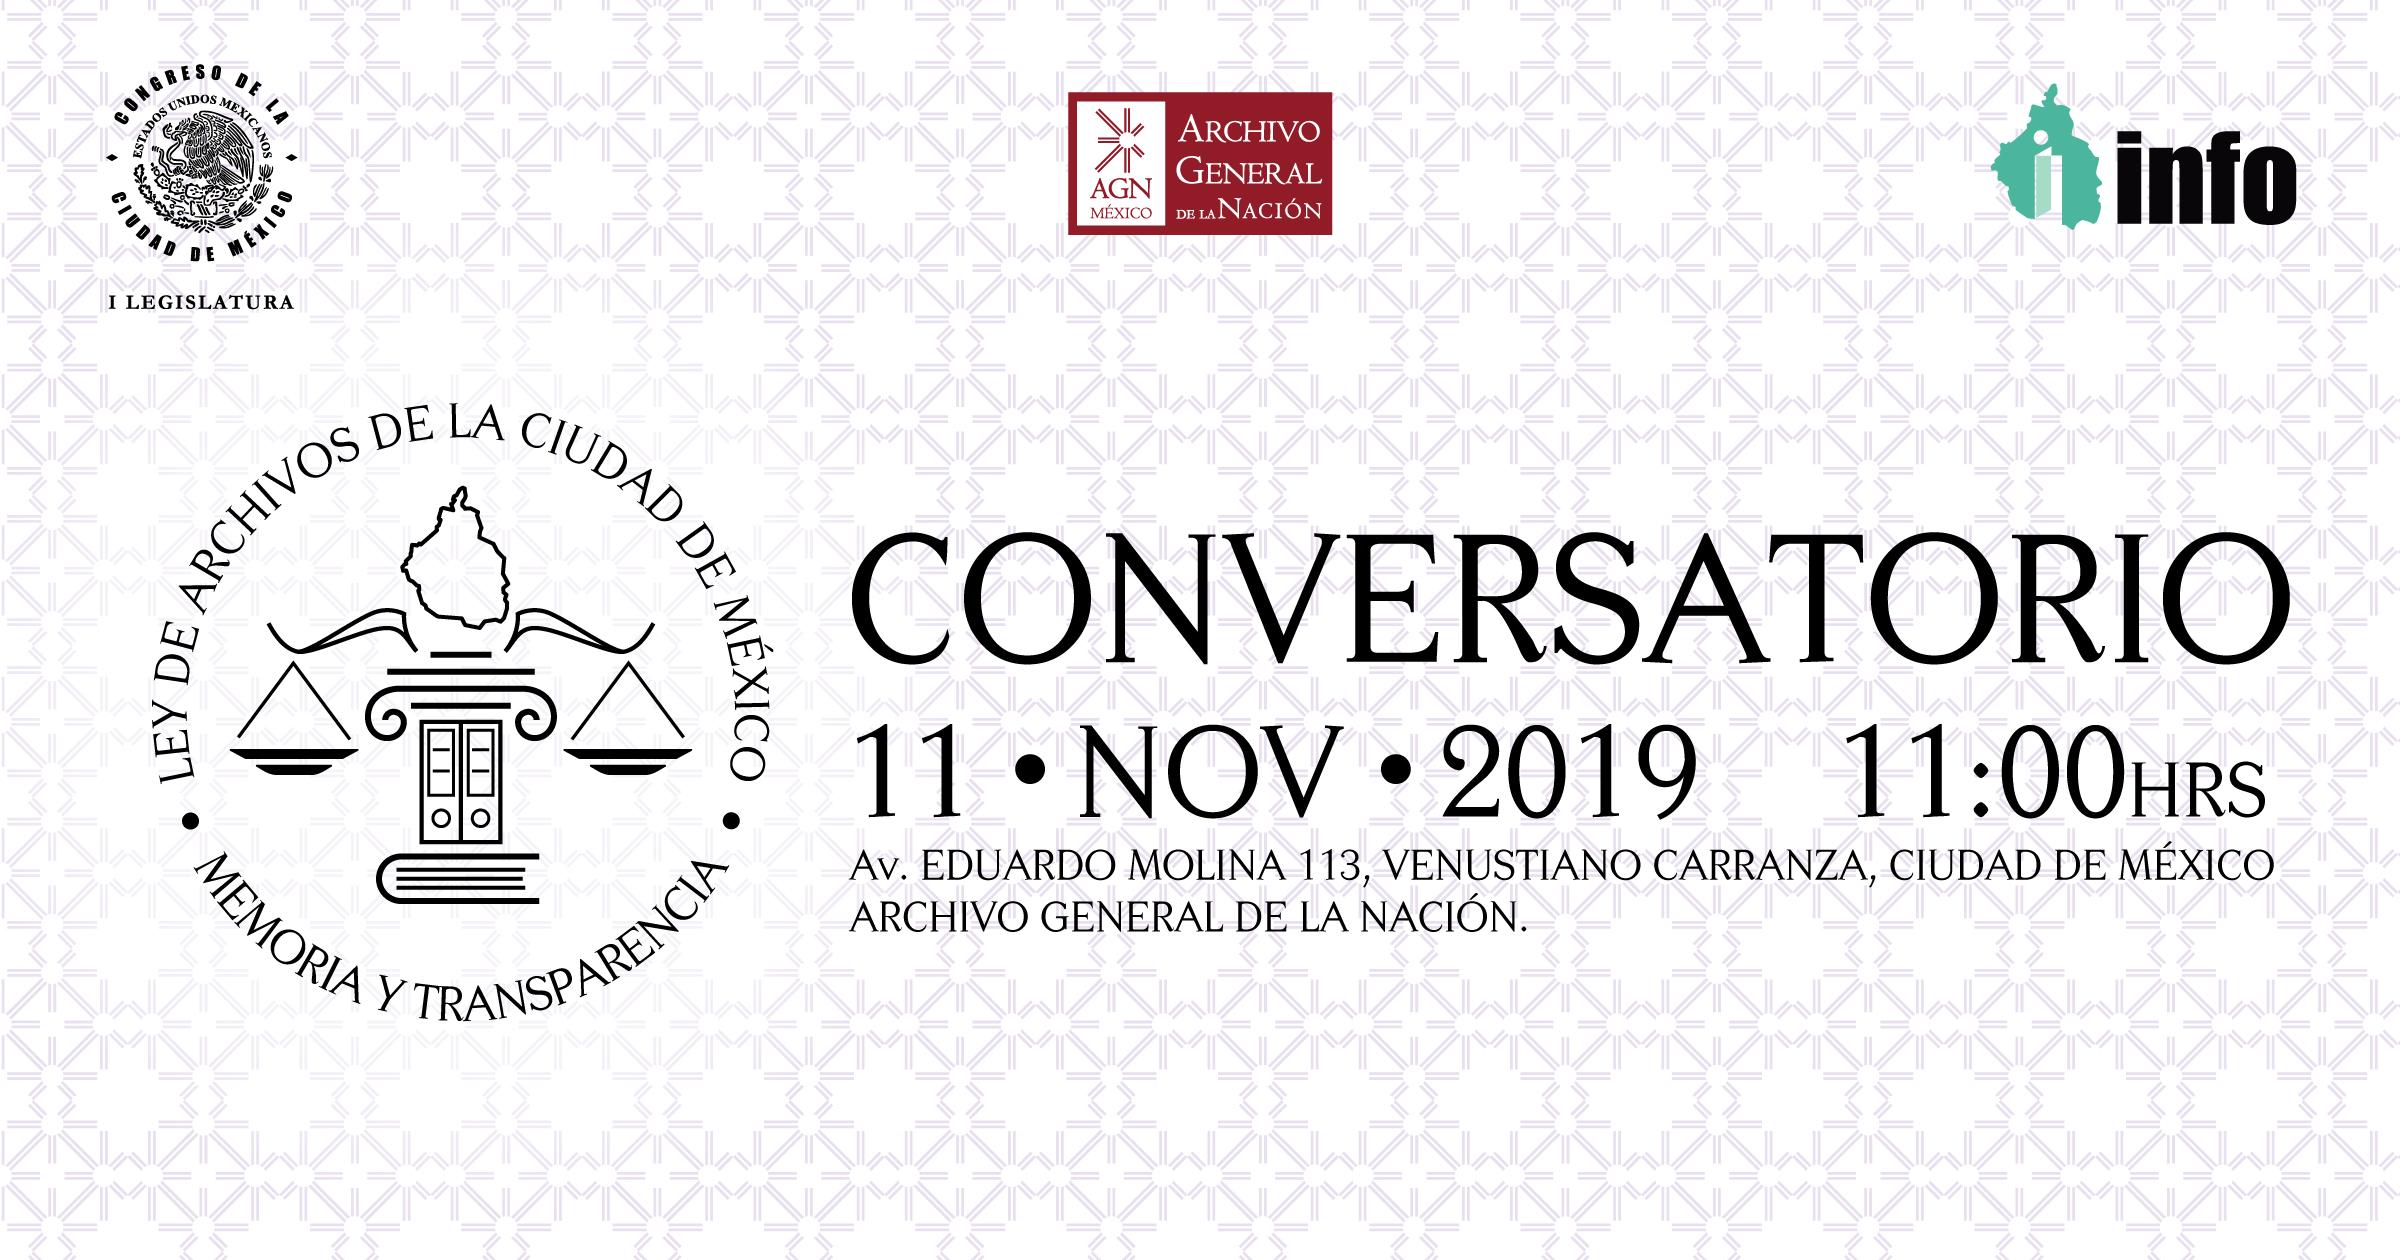 """Imagen de convocatoria con el texto Conversatorio """"Ley de Archivos de la CDMX: Memoria y Transparencia"""""""